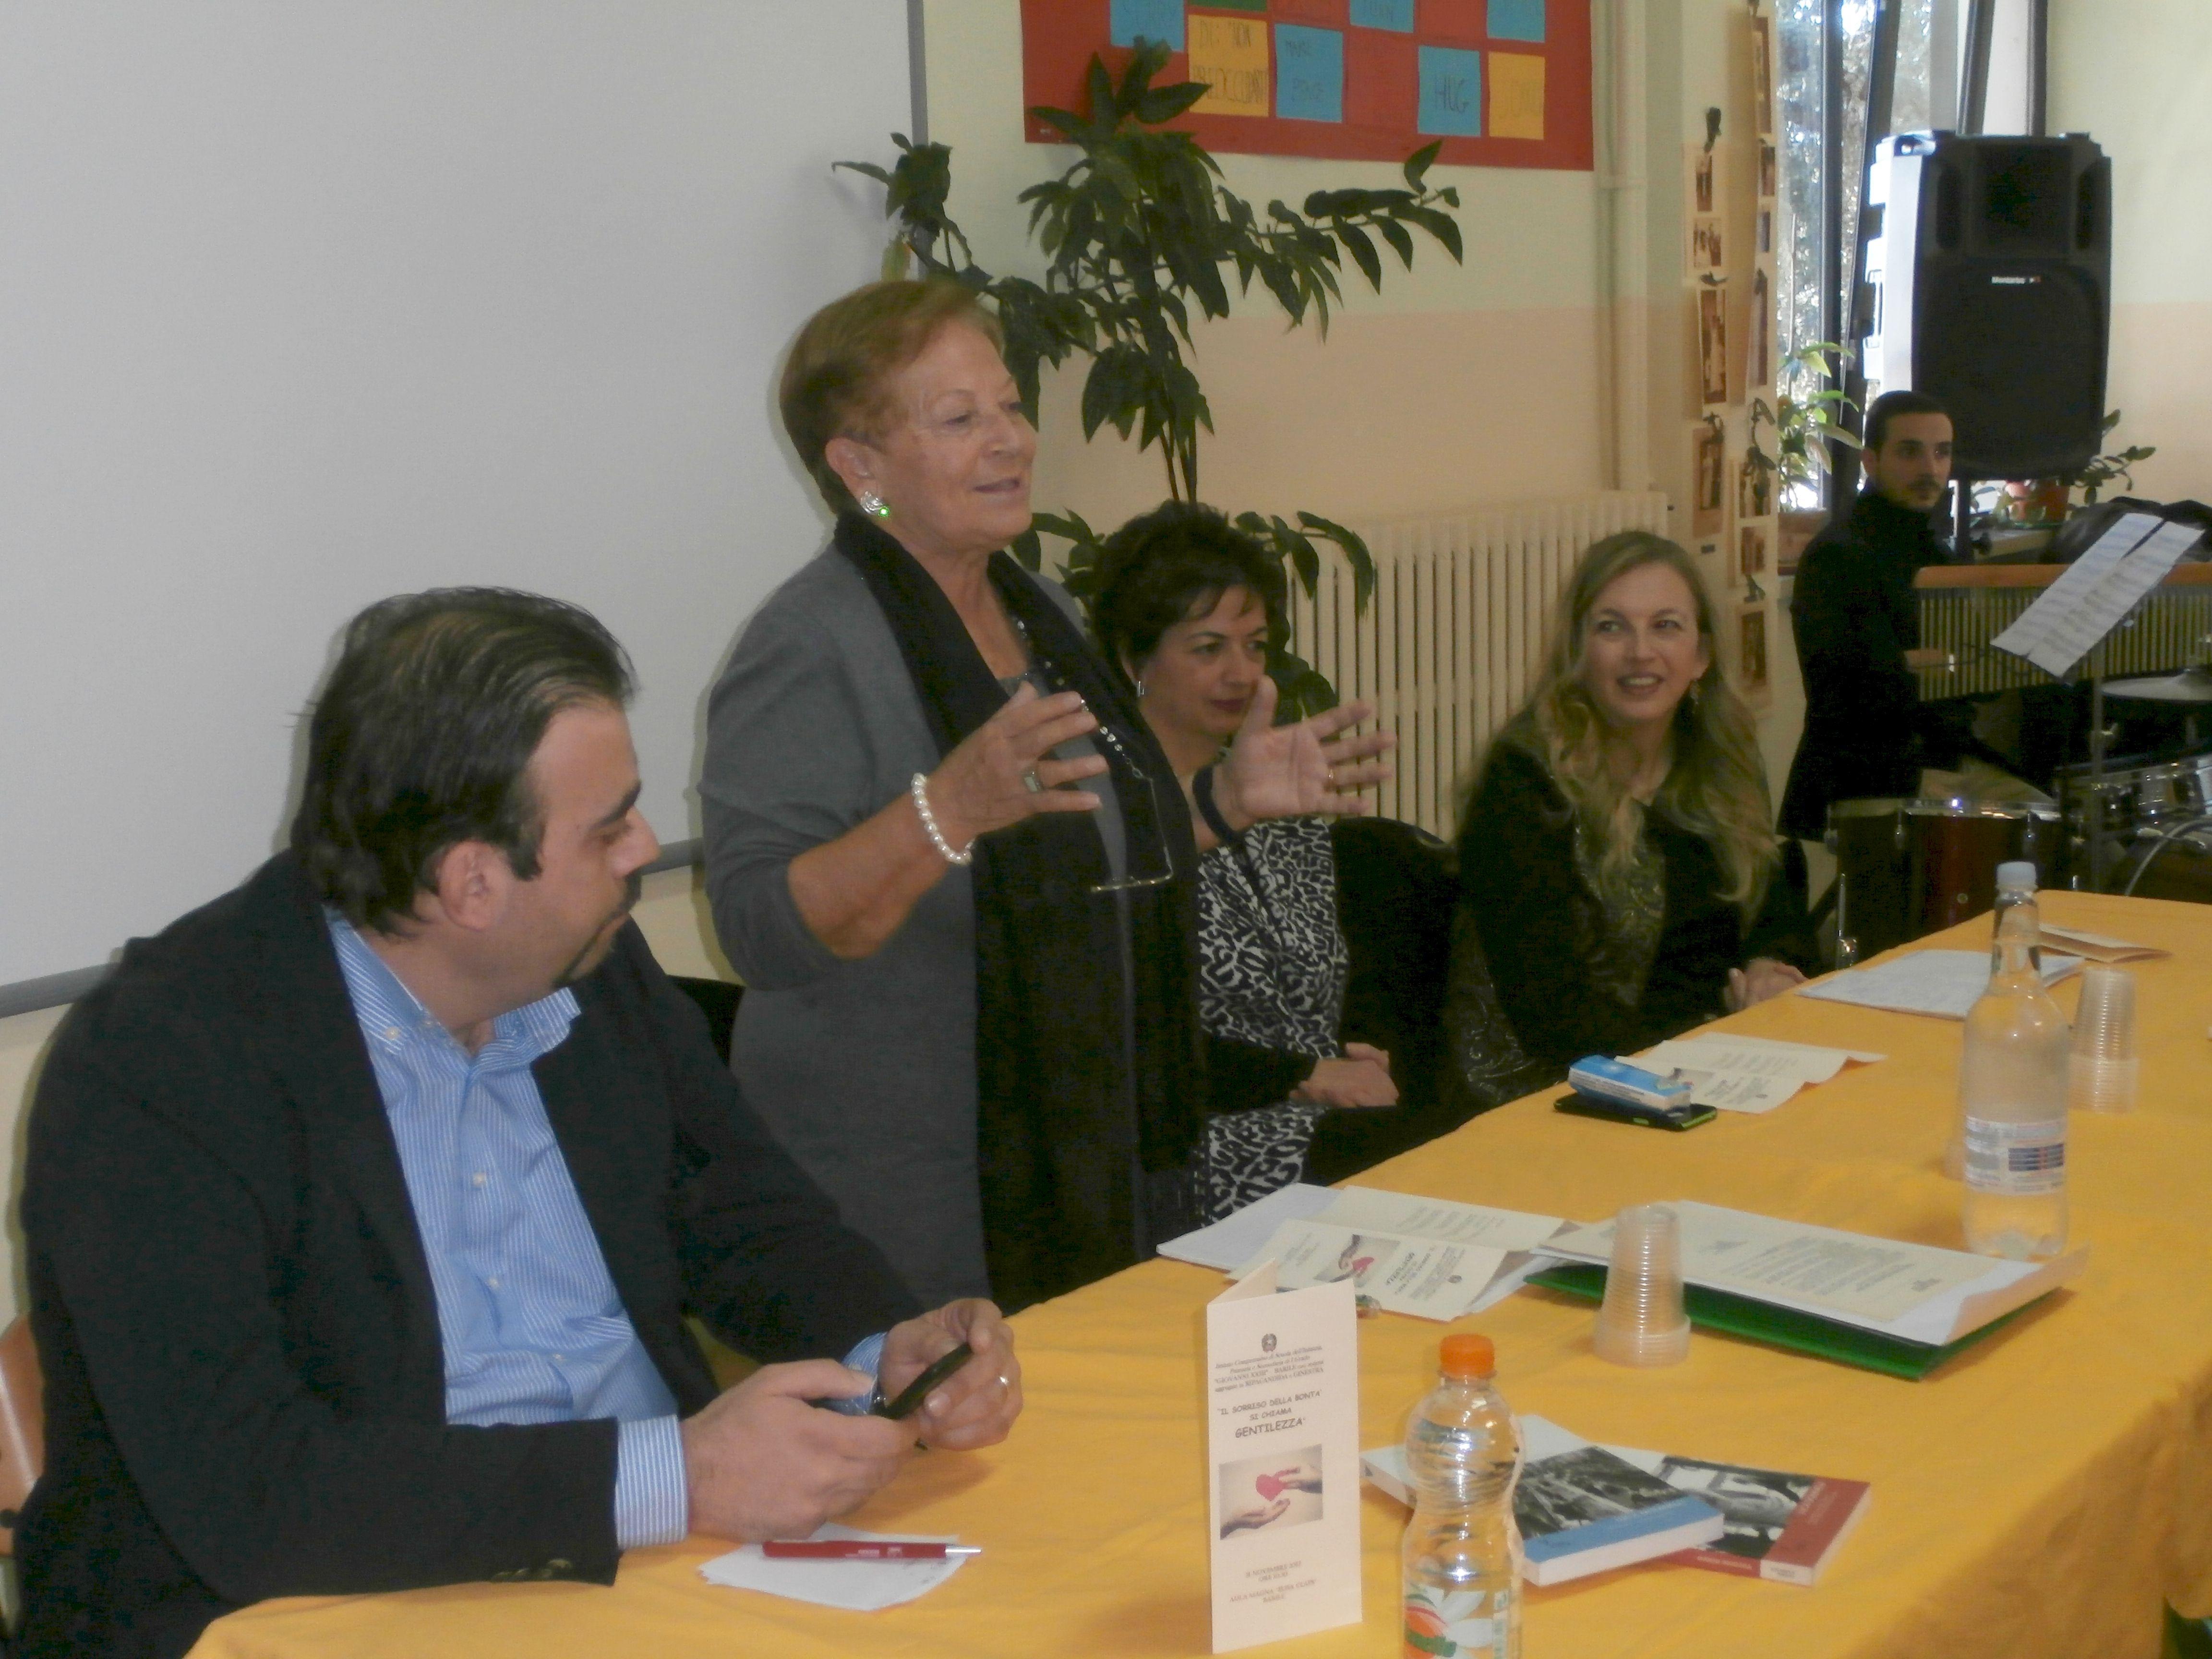 La prof. Pianciamore illustra le finalità del Premio alla presenza del Cons. Com. Di Tolve e della Dir. USP  D. Infante